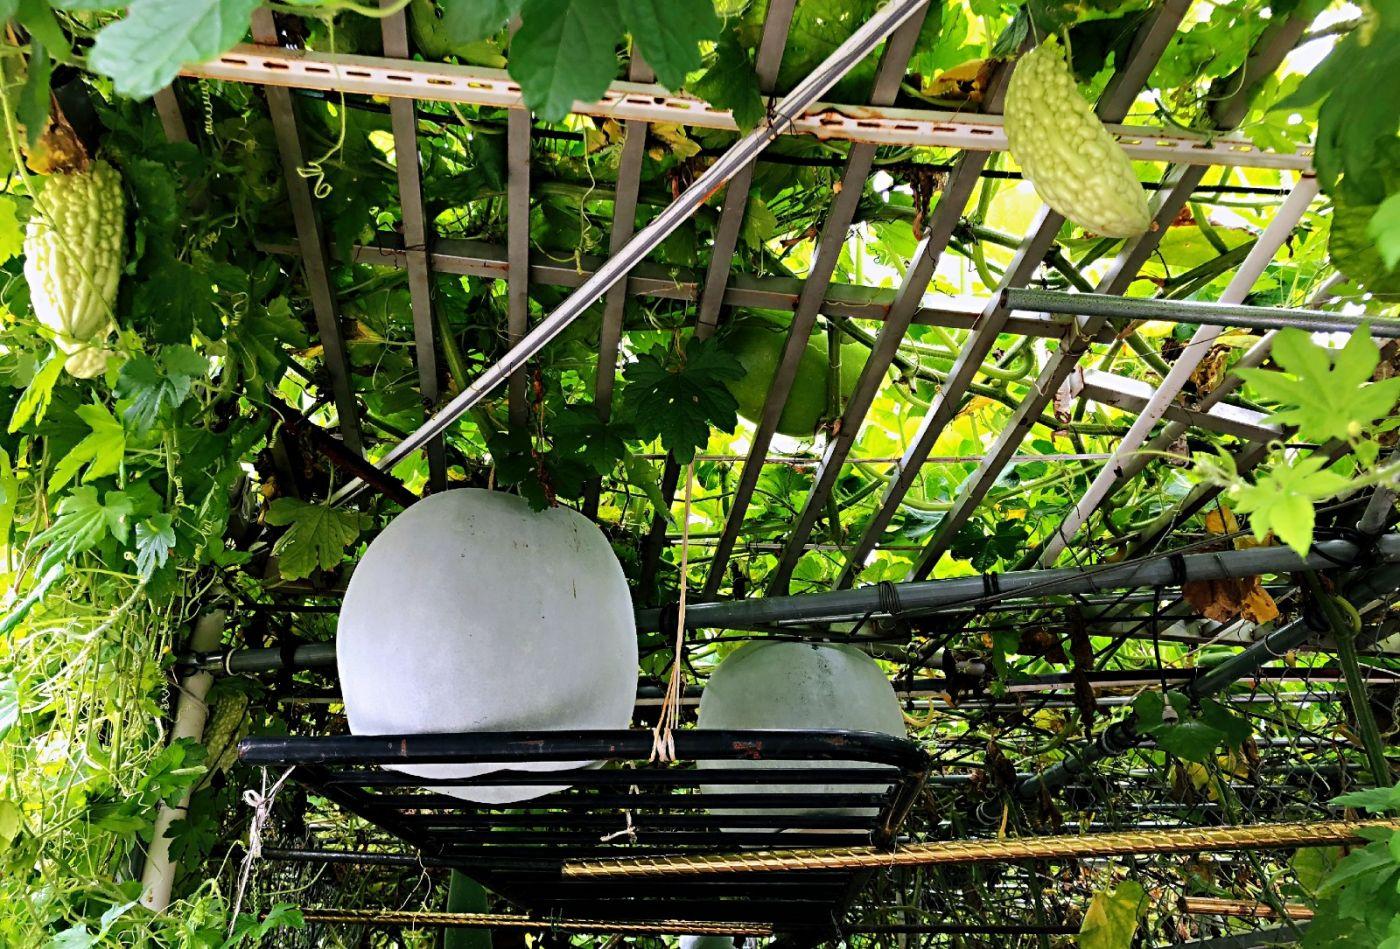 【田螺随拍】路边窗前的小菜园子_图1-14